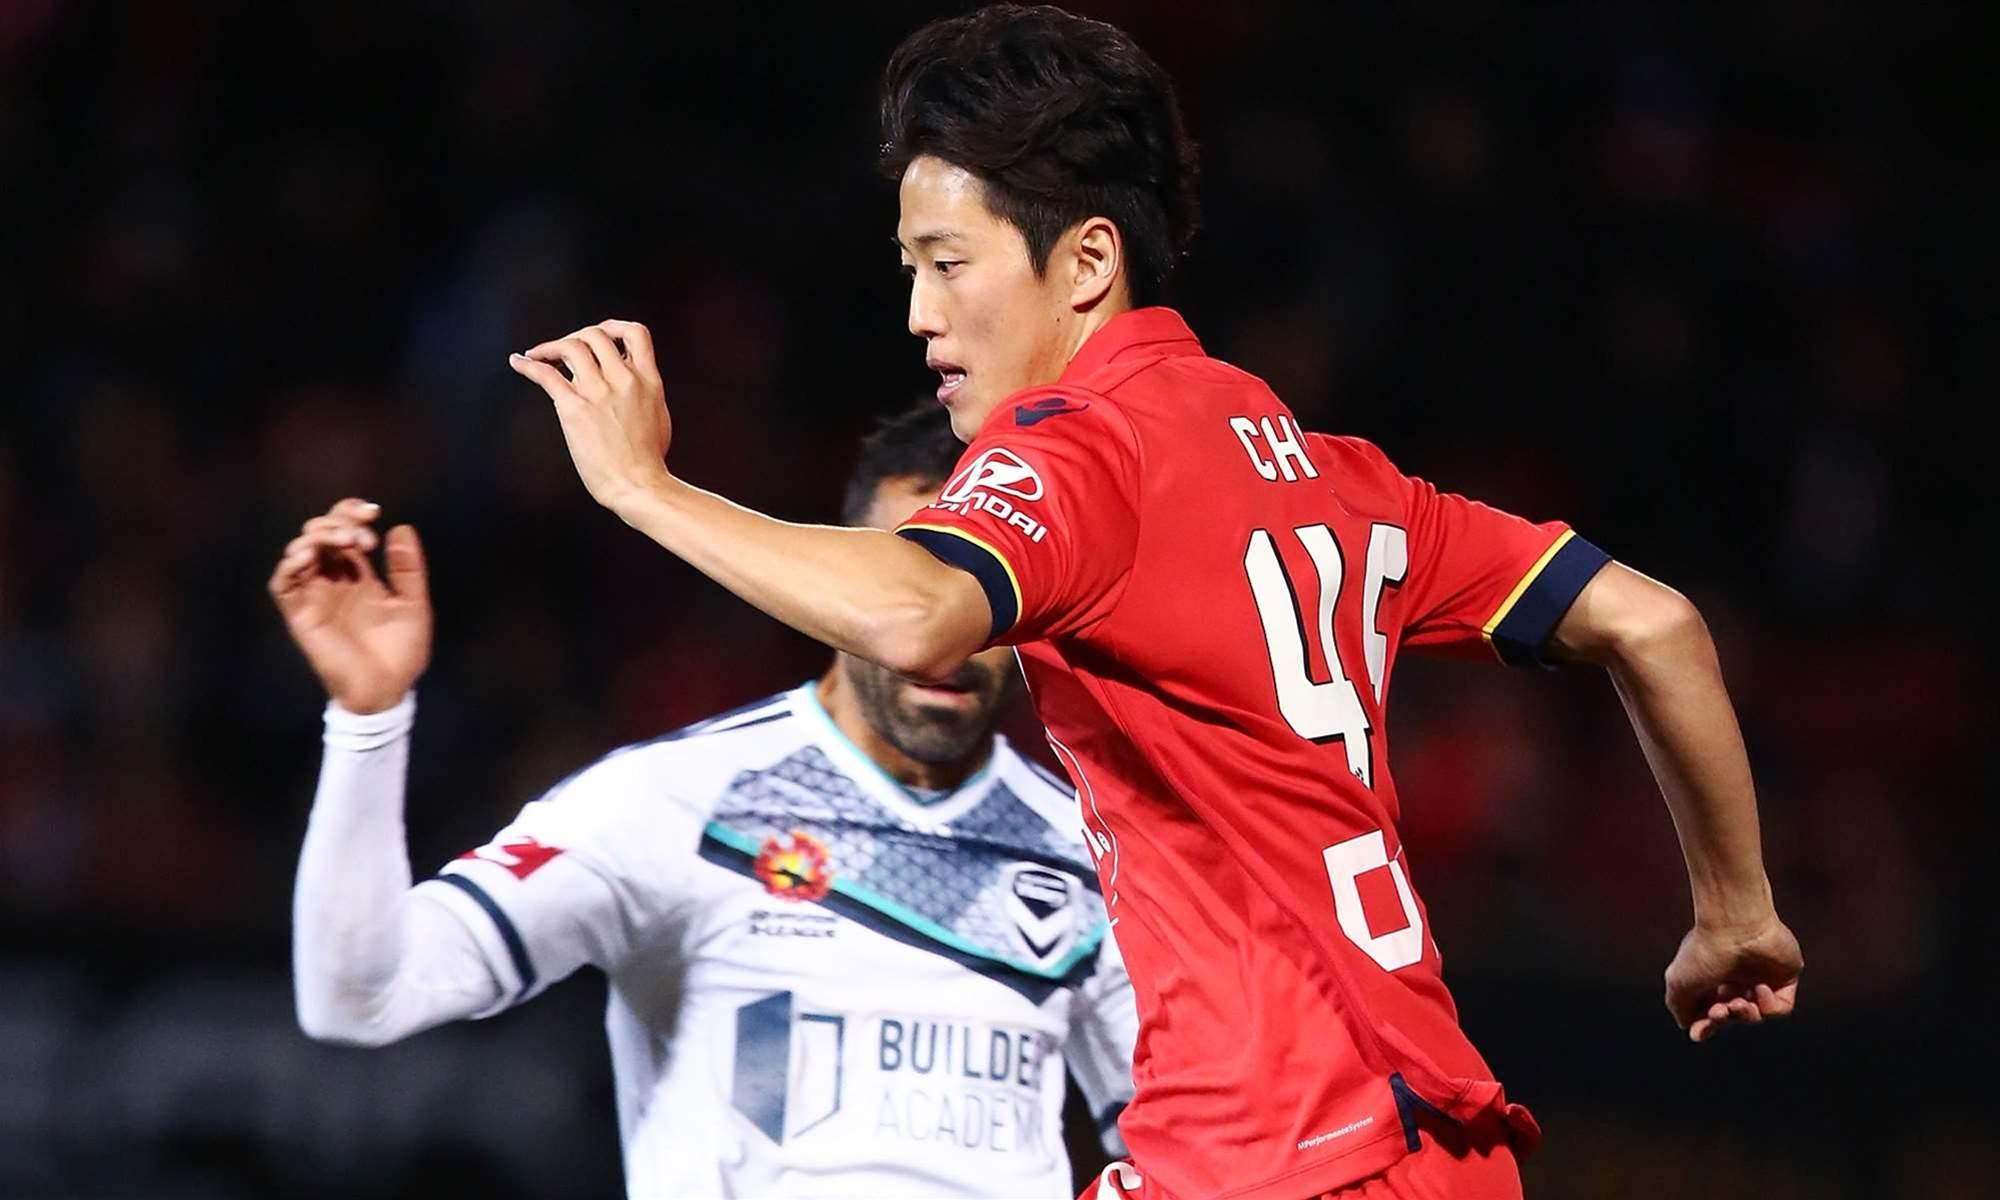 Injured Choi departs Reds